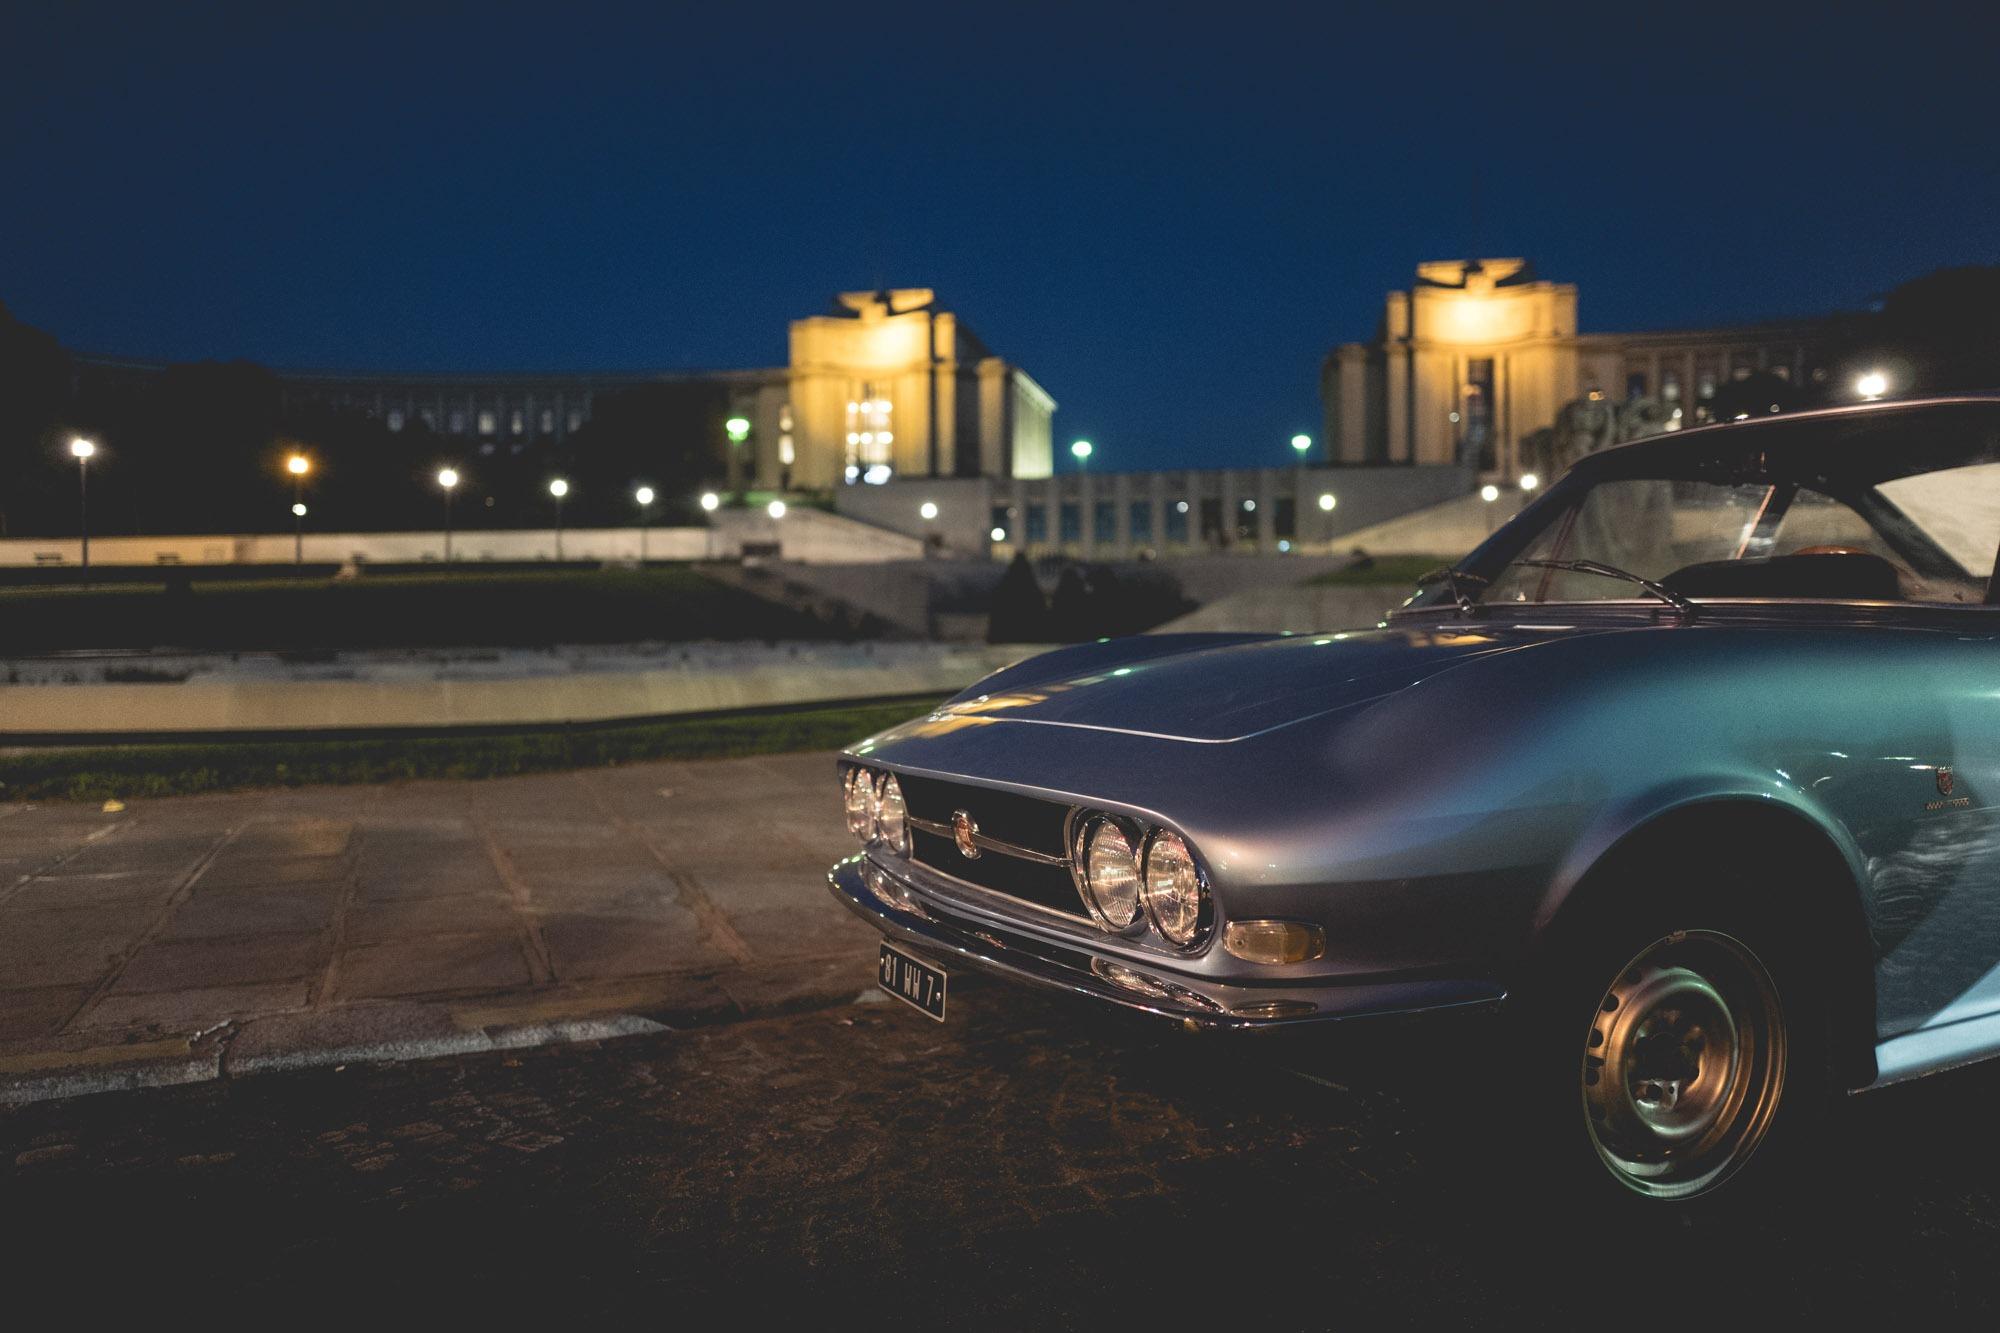 Journées d'Automne et watch-spotting - Trocadero et Fiat 124 Moretti